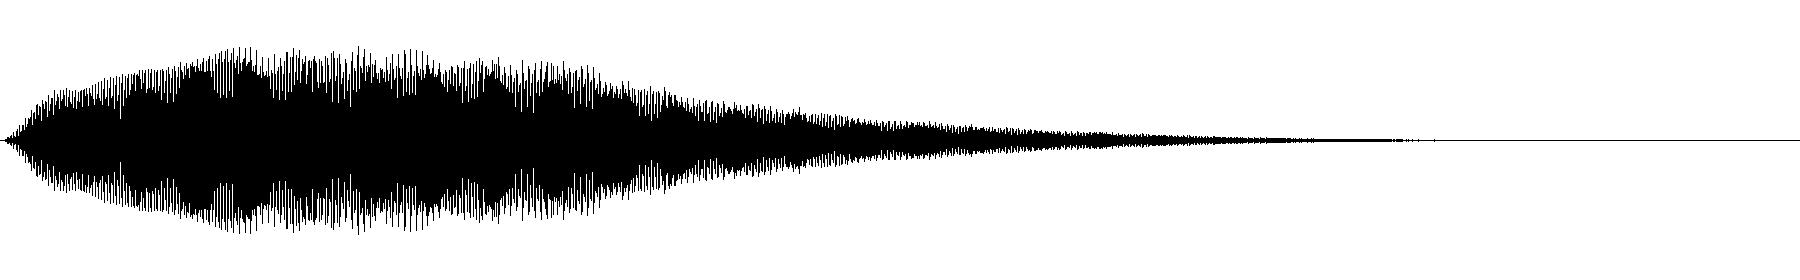 vfx1 atmos 65